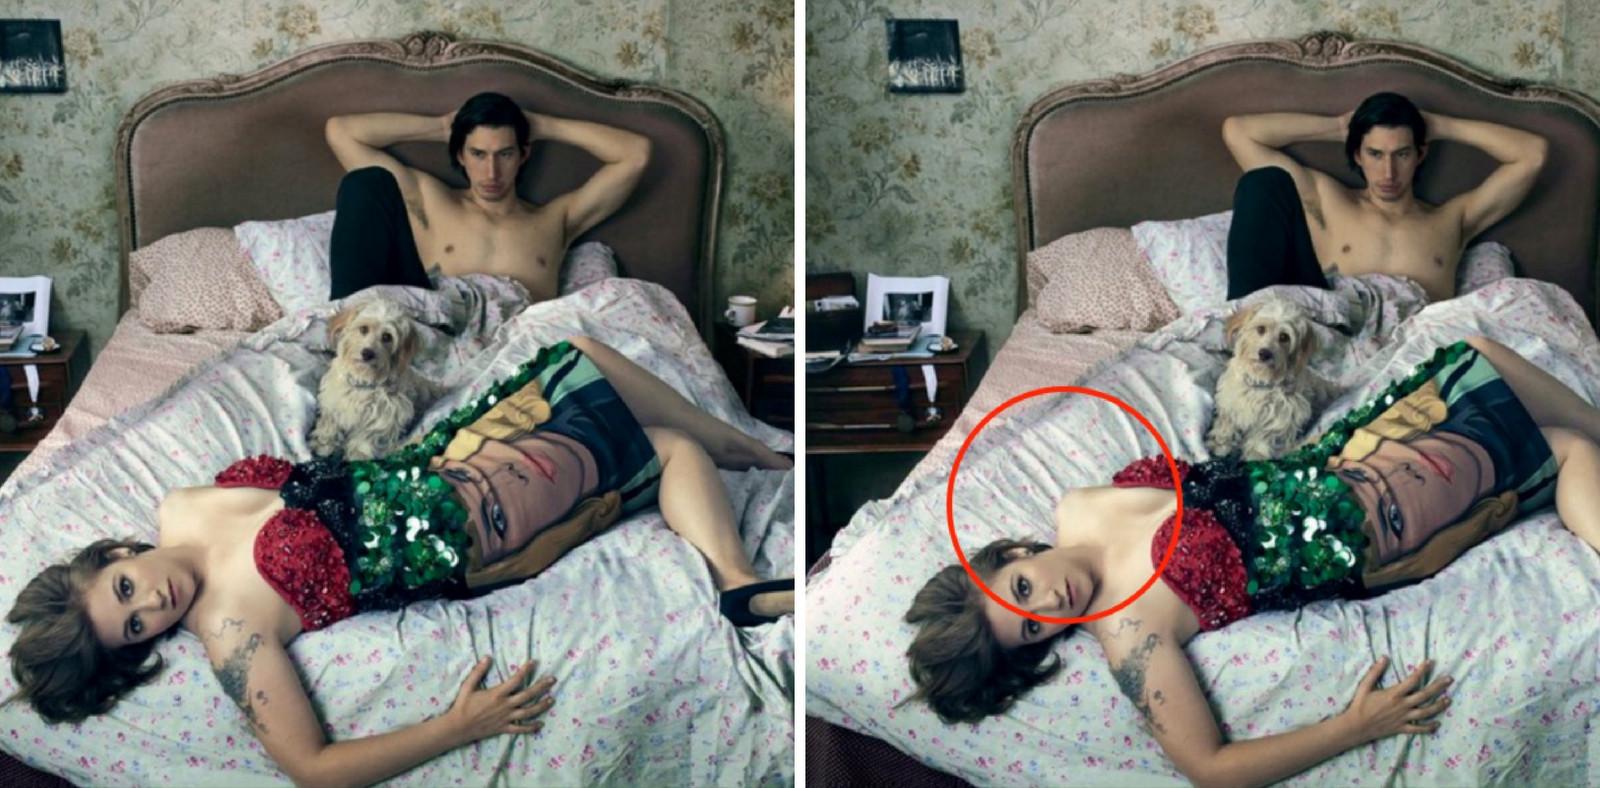 Op een van de foto's in het blad mist de actrice een arm.